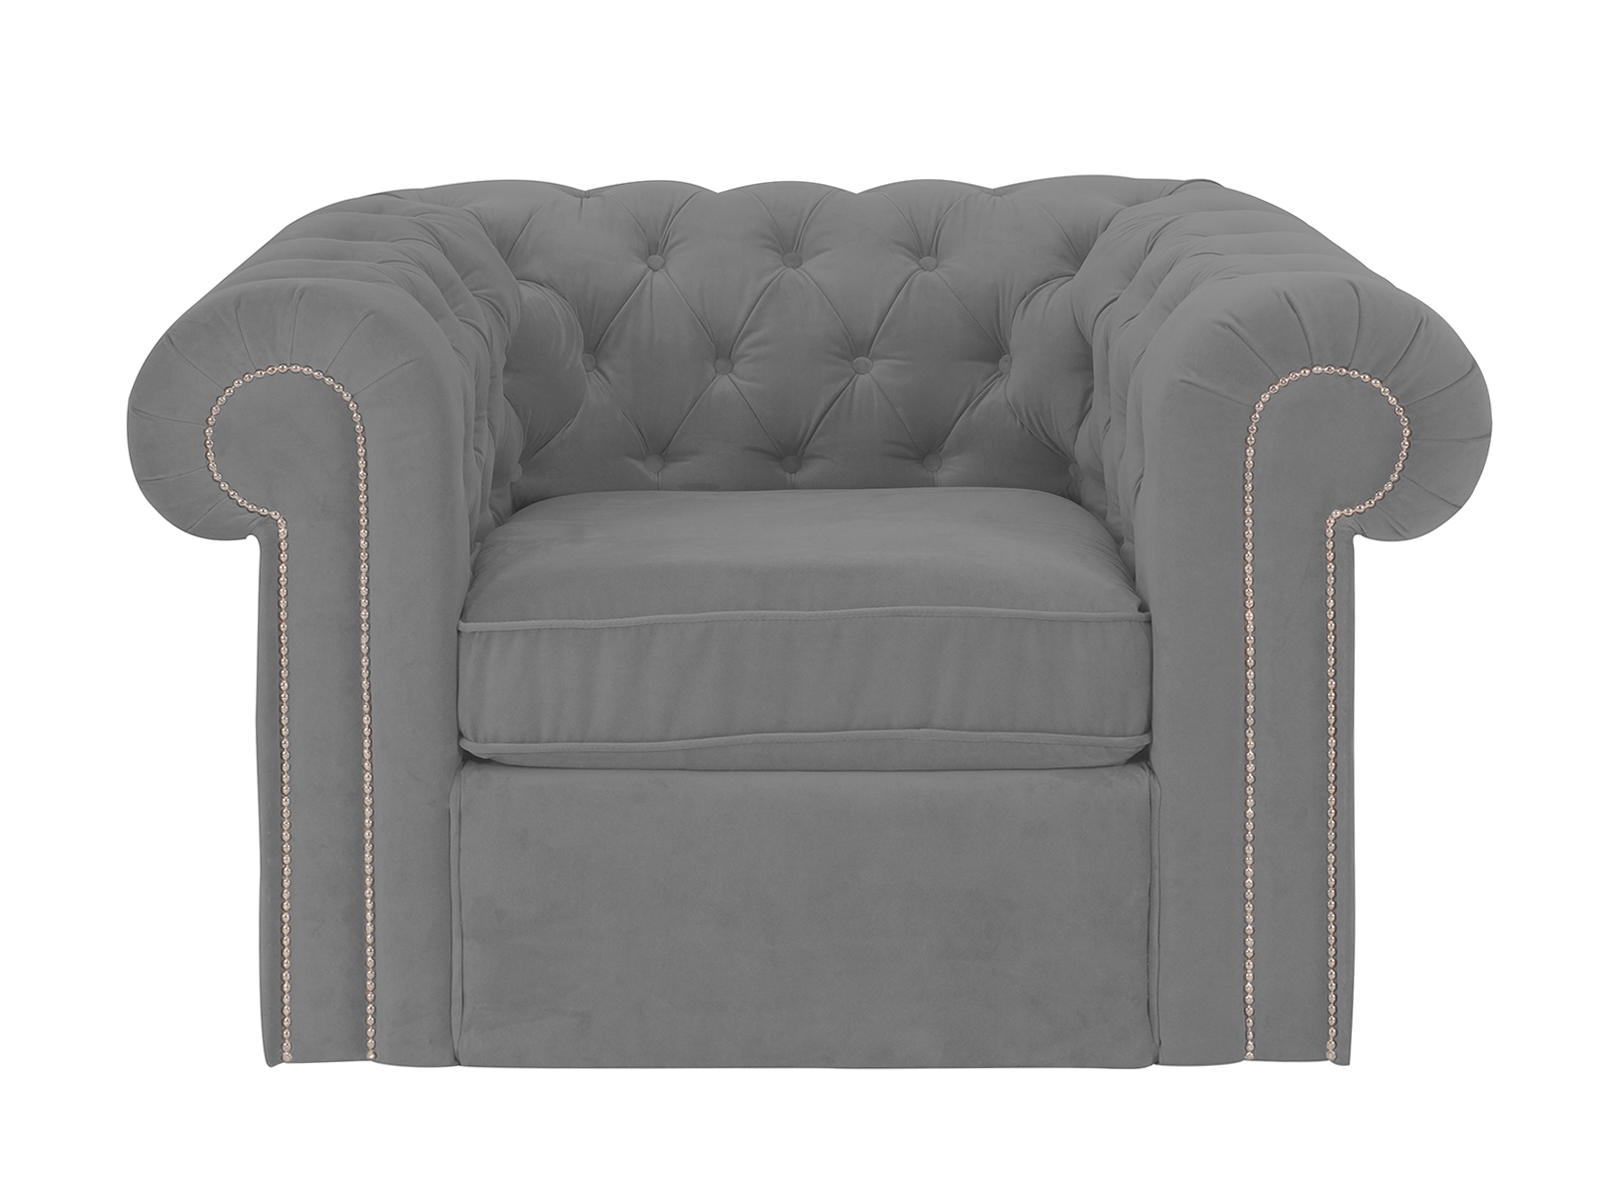 Кресло ChesterИнтерьерные кресла<br>Кресло классическое. Подлокотники декорированы молдингами.Материалы:Каркас: деревянный брус, МДФ, фанераПодушки сидений: пенополиуретан, синтепон.Обивка: ткань, полиэстер 100%.Глубина сиденья: 67 cмШирина сиденья: 60 cм<br><br>kit: None<br>gender: None